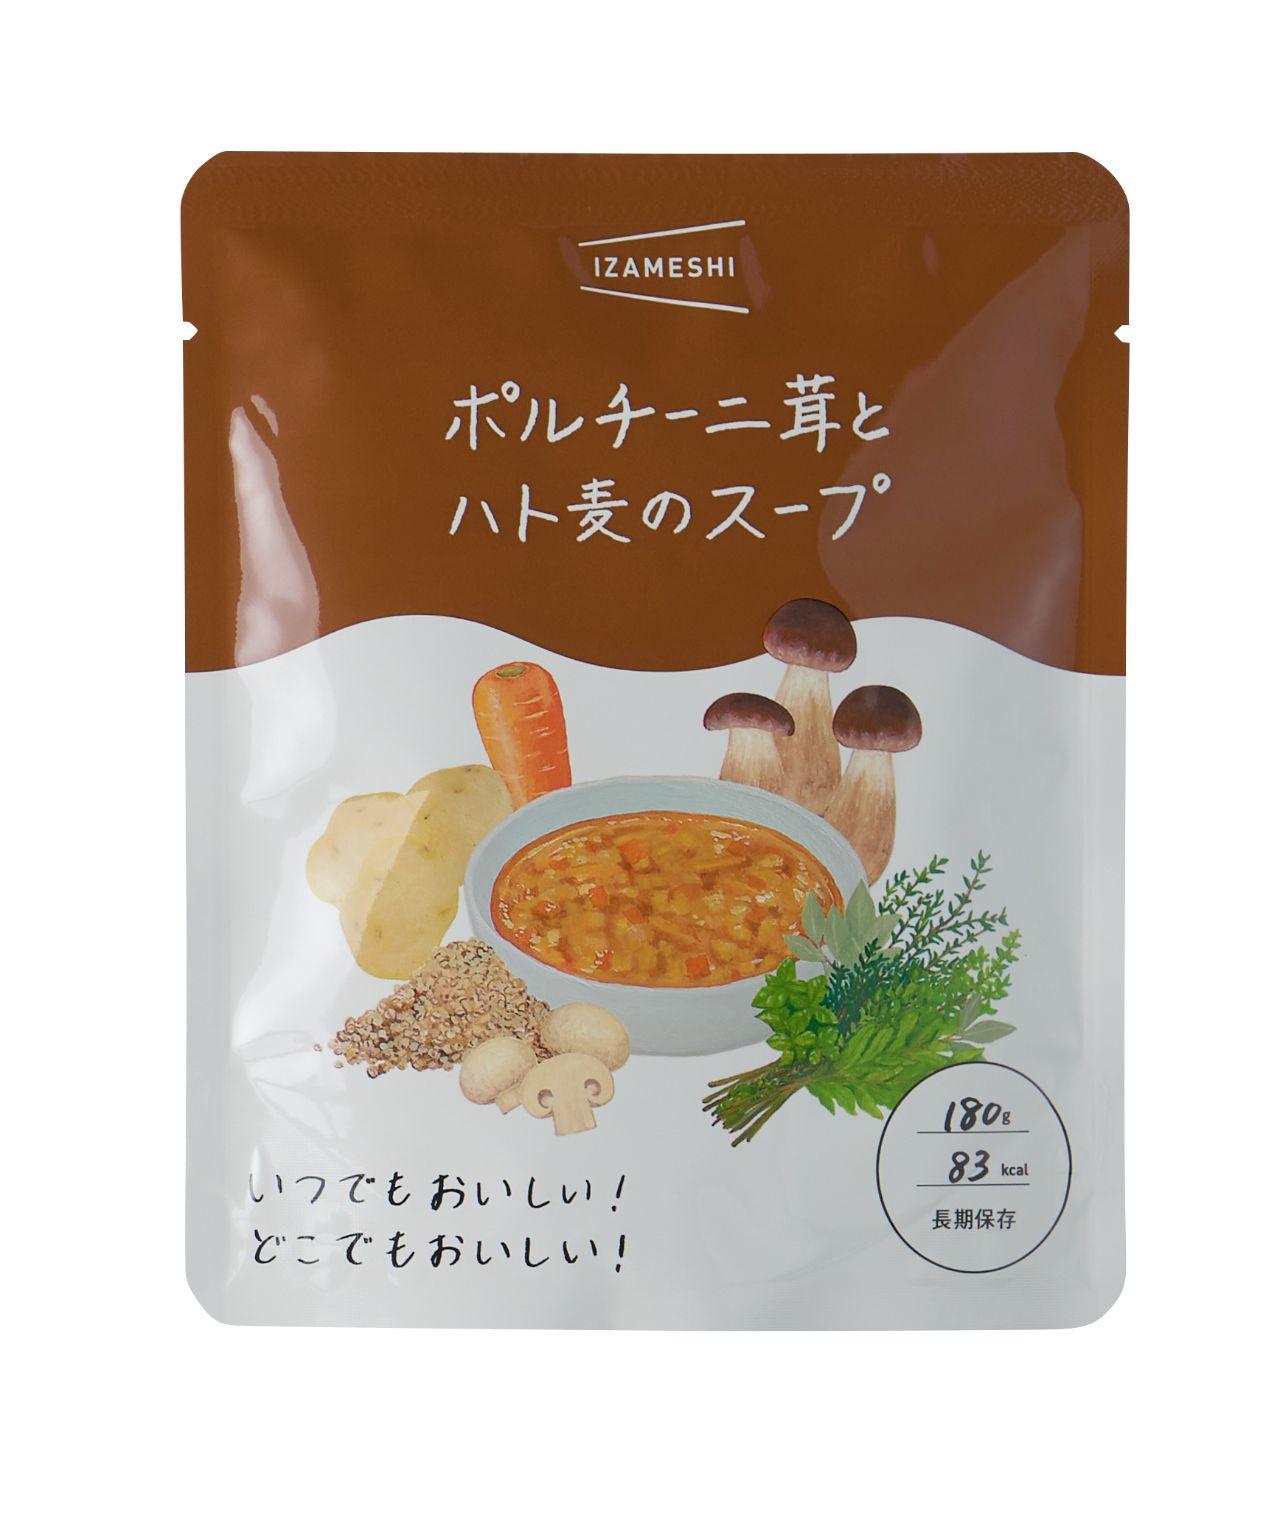 ポルチーニ茸とハト麦のスープ